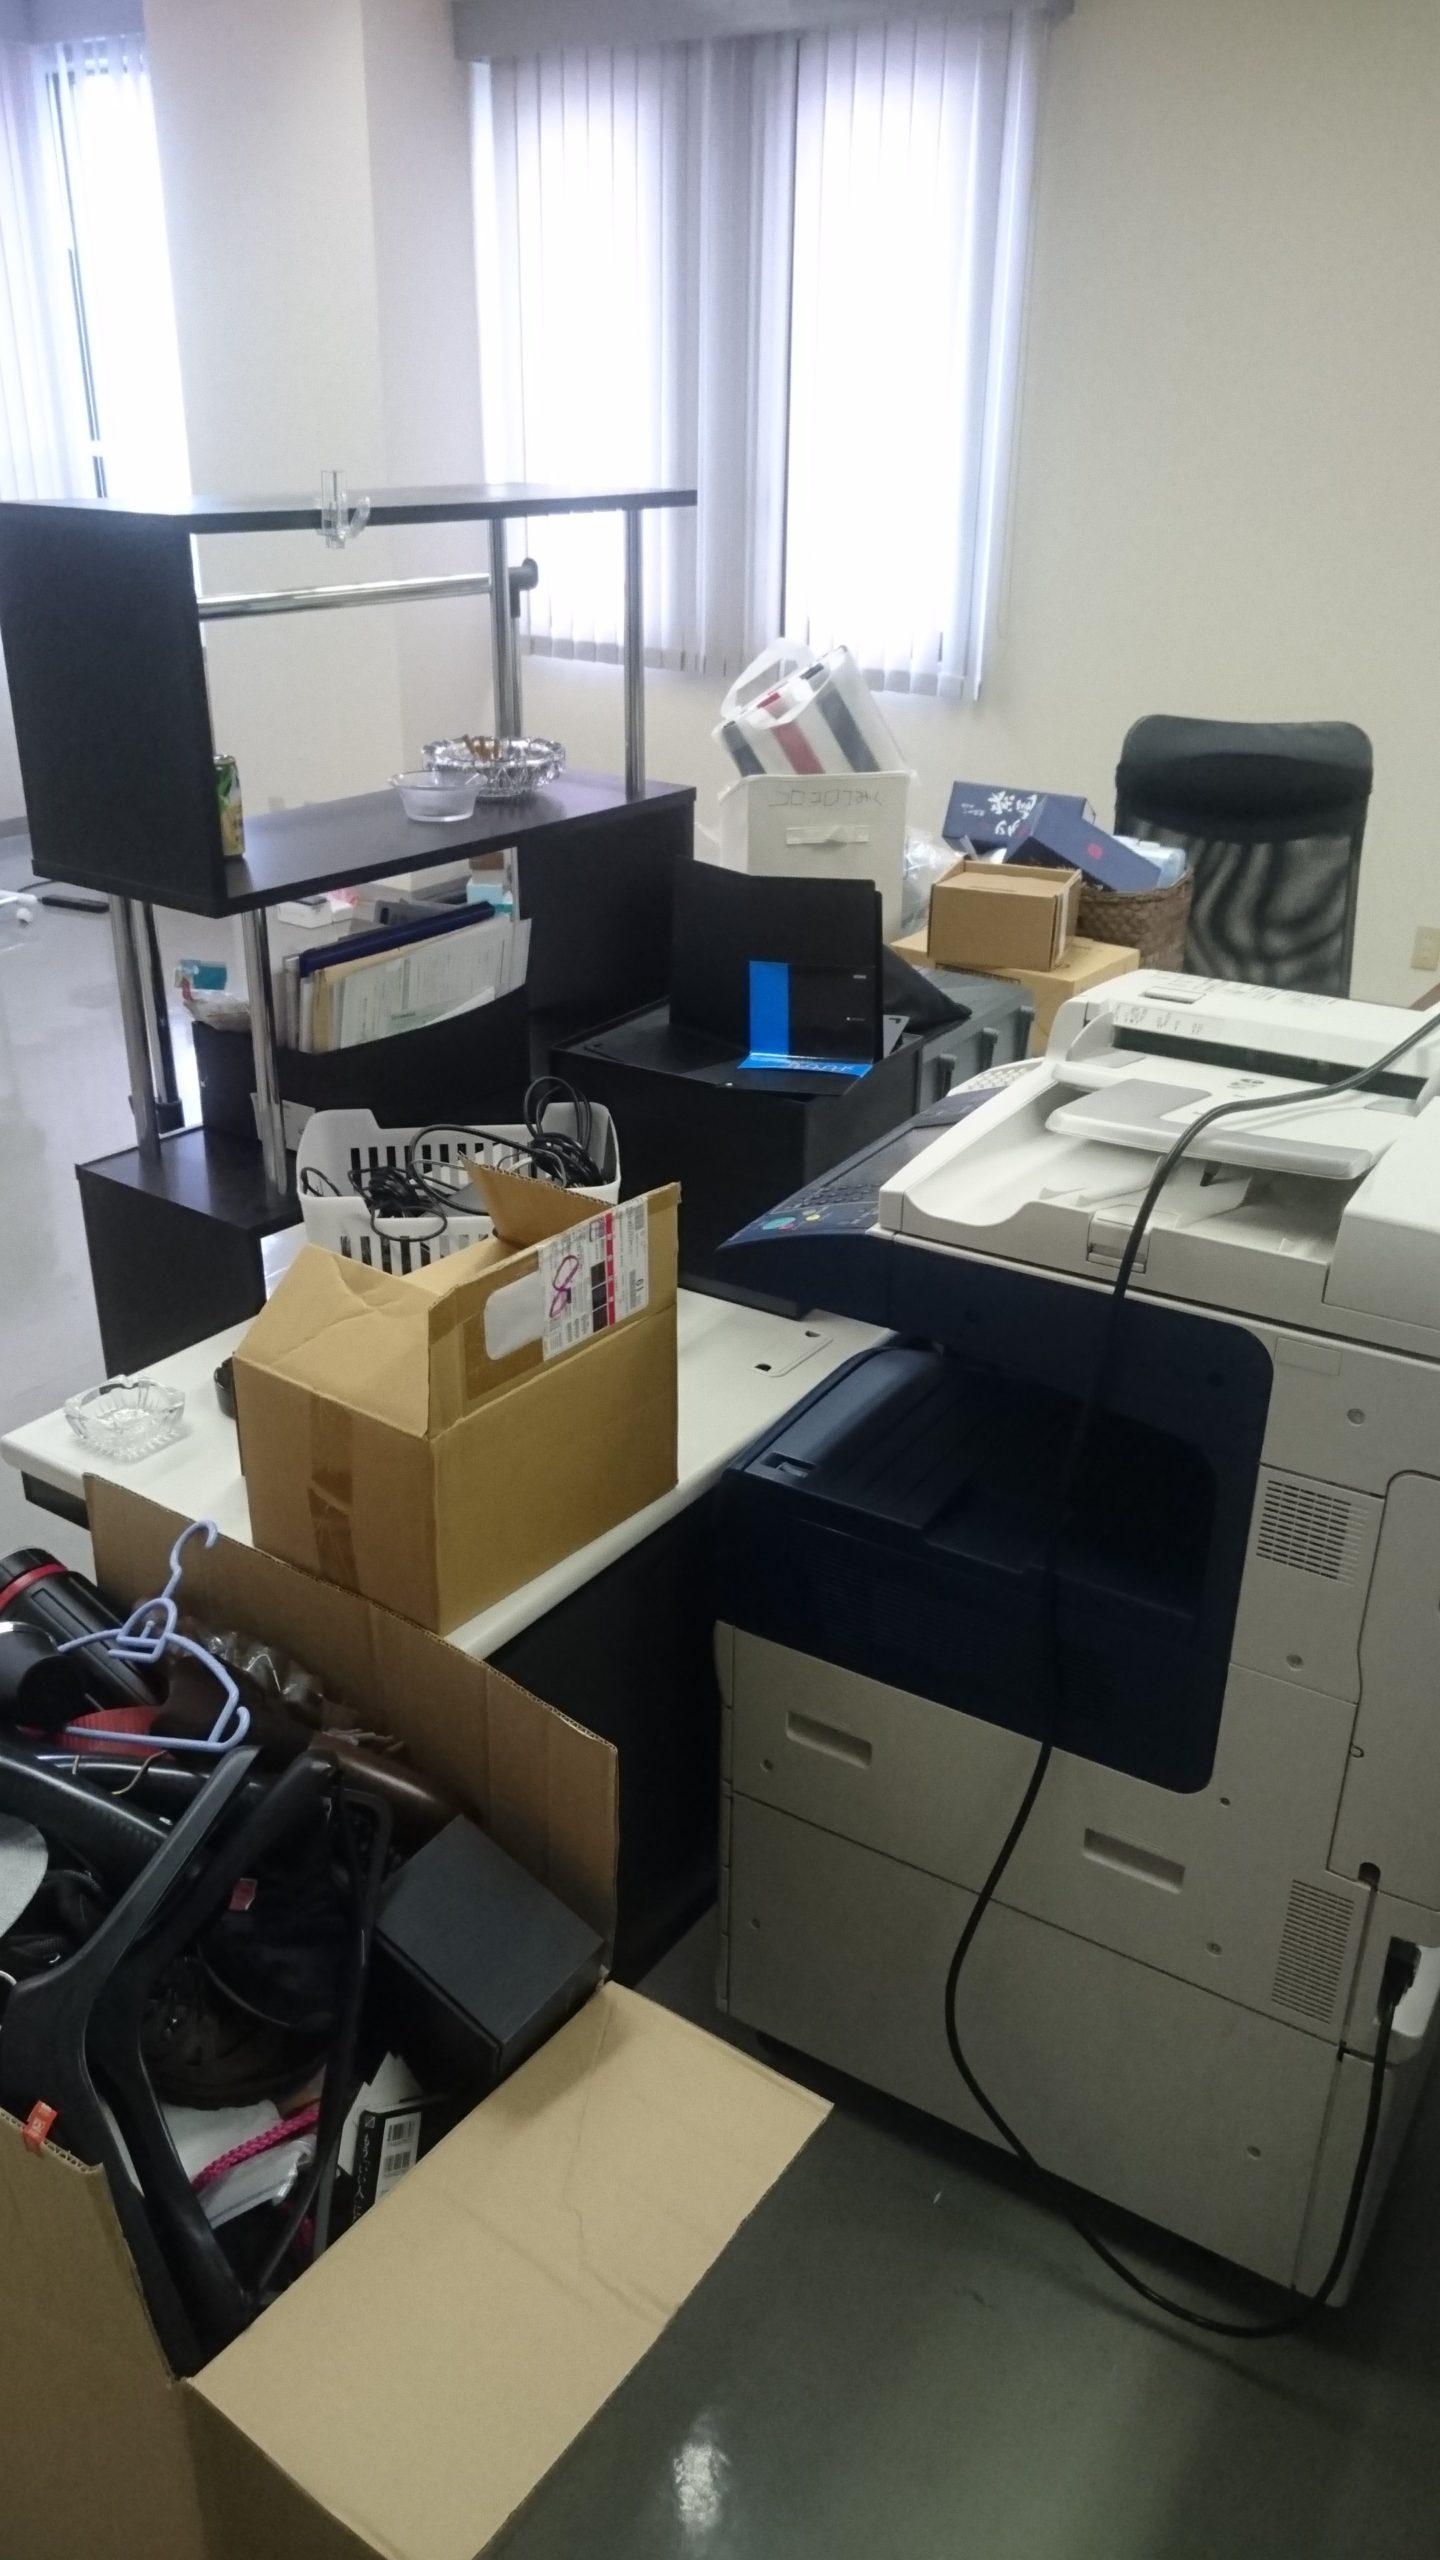 【愛知県名古屋市中村区】コピー機、OAデスクの回収